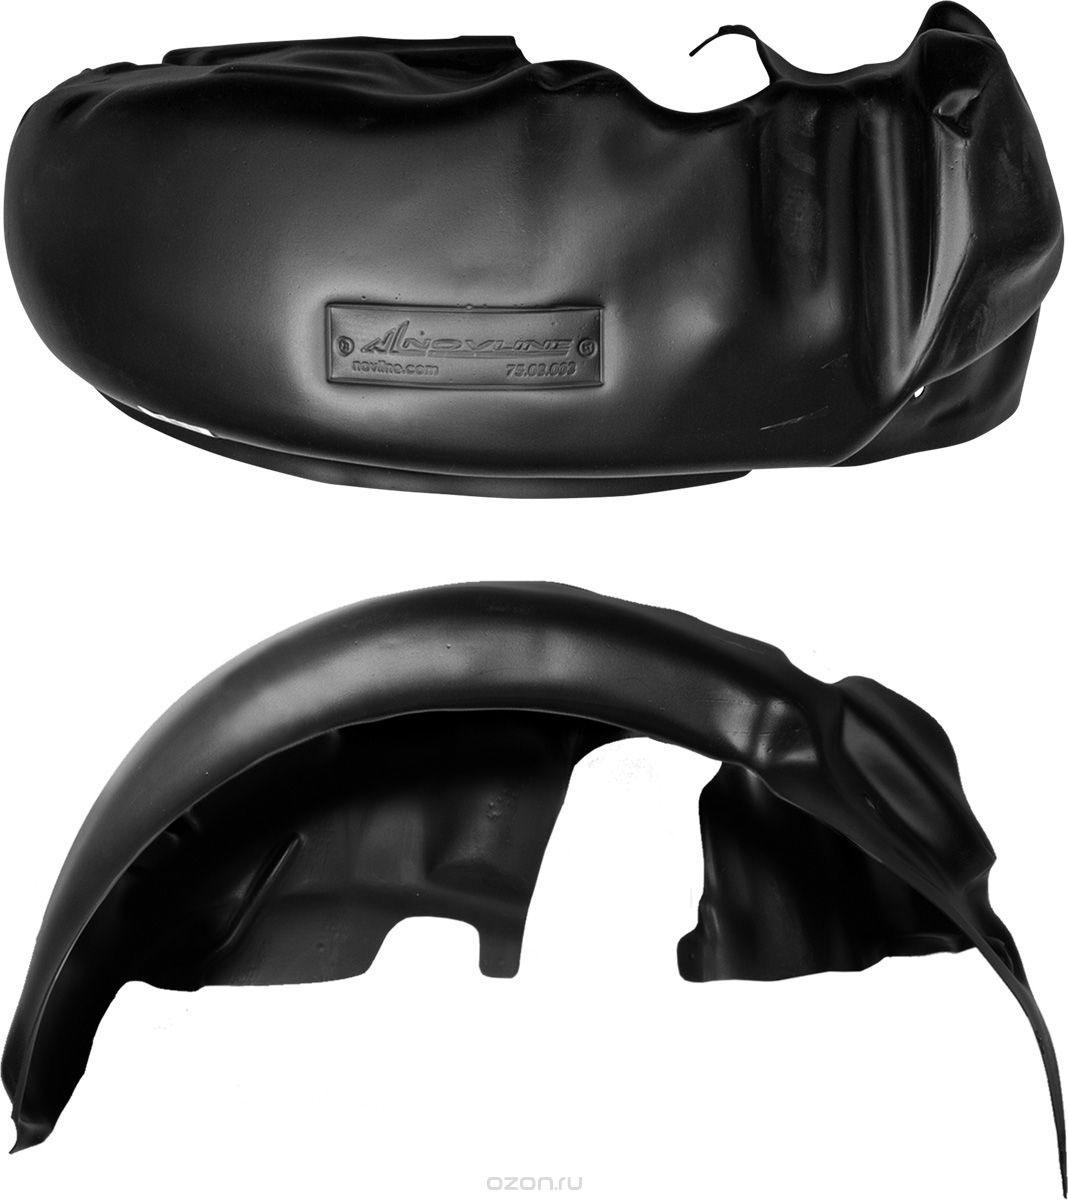 Подкрылок Novline-Autofamily, для TOYOTA Avensis 2009->, задний правыйNLL.48.19.004Идеальная защита колесной ниши. Локеры разработаны с применением цифровых технологий, гарантируют максимальную повторяемость поверхности арки. Изделия устанавливаются без нарушения лакокрасочного покрытия автомобиля, каждый подкрылок комплектуется крепежом. Уважаемые клиенты, обращаем ваше внимание, что фотографии на подкрылки универсальные и не отражают реальную форму изделия. При этом само изделие идет точно под размер указанного автомобиля.